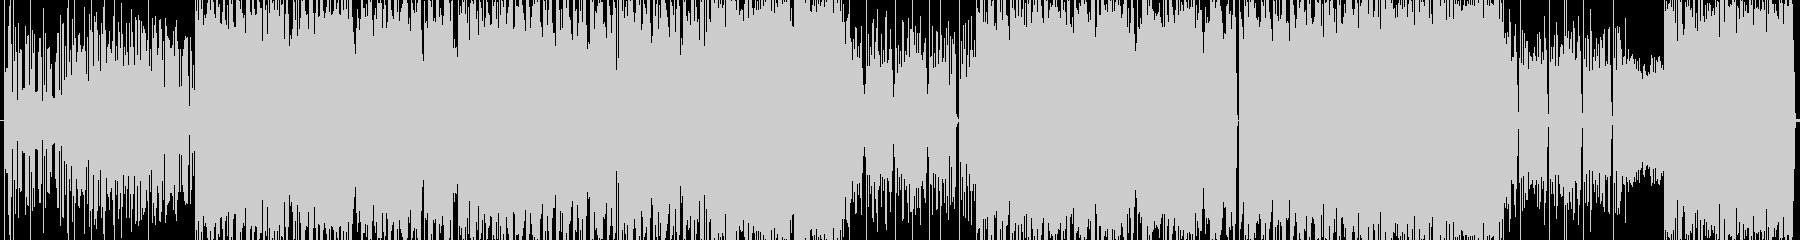 サイケデリックEDMロックの未再生の波形